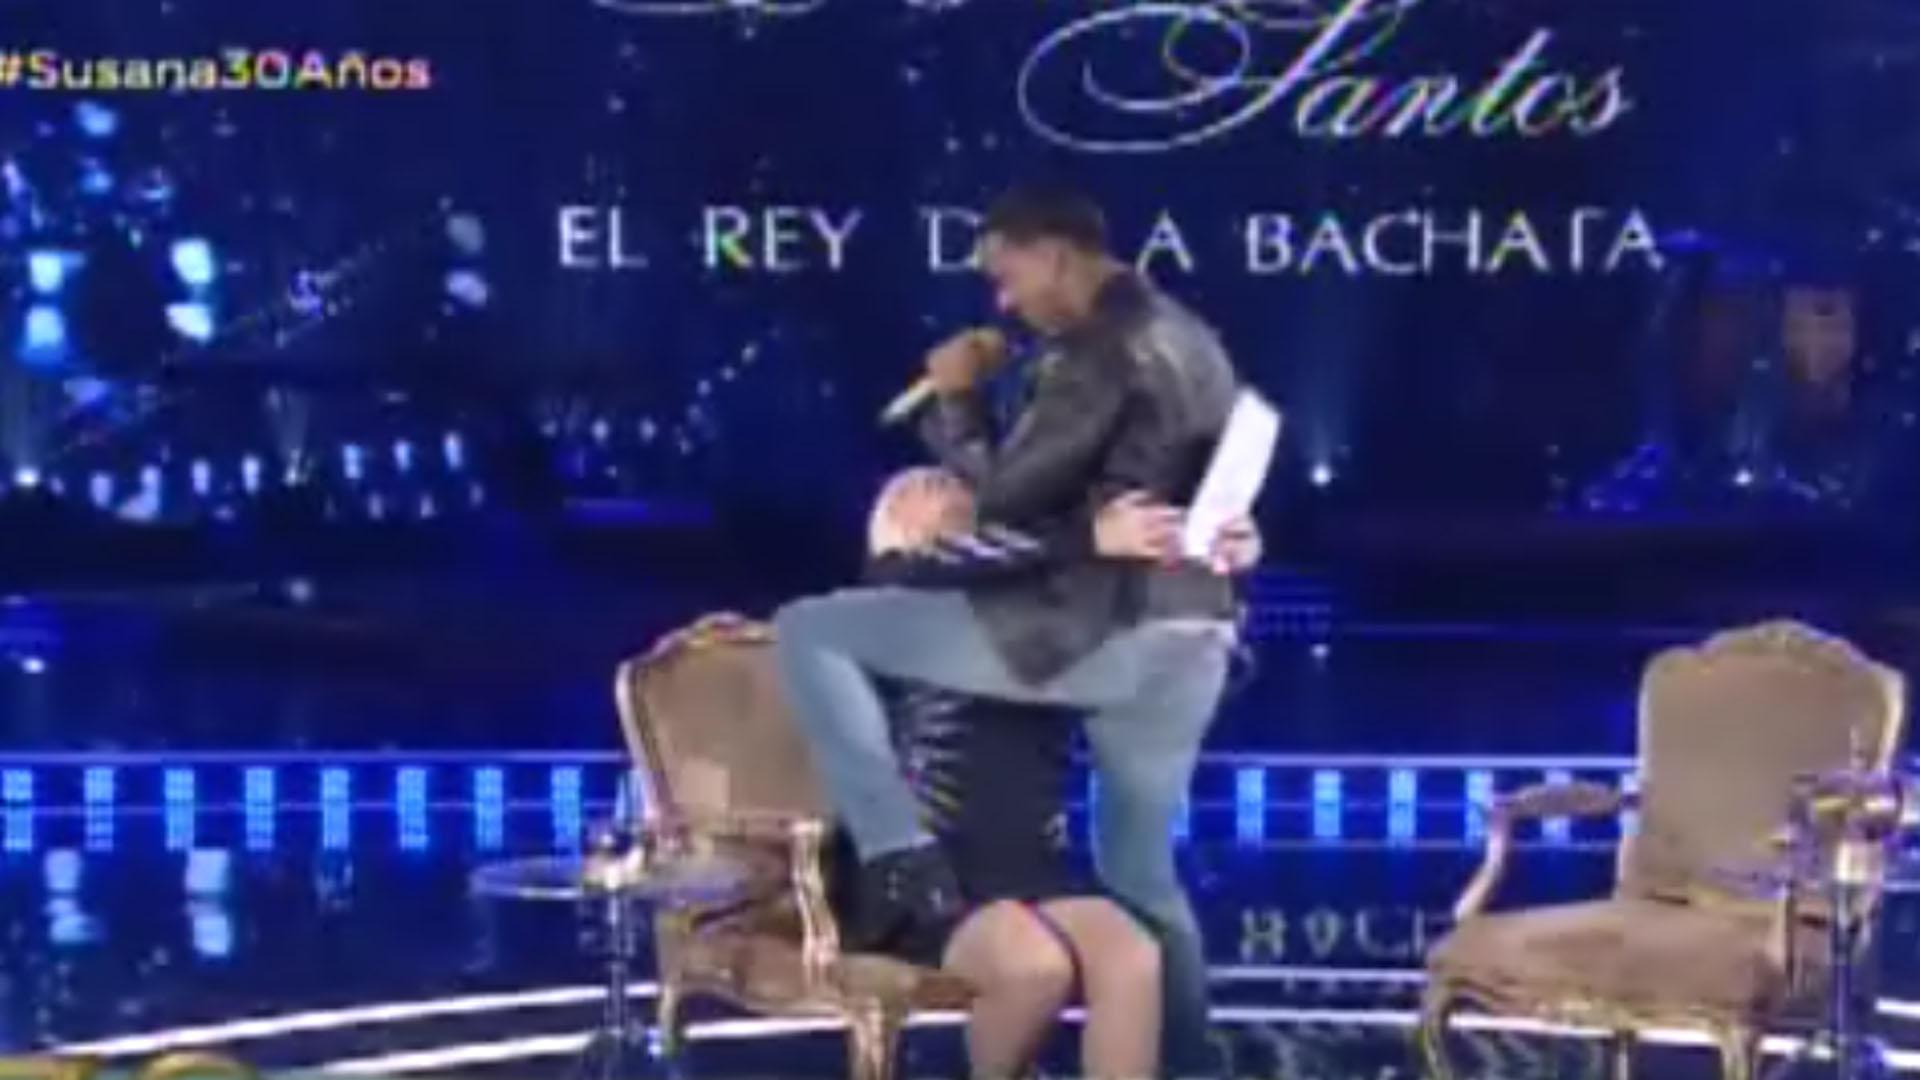 Romeo Santos le hizo un baile sexy a Susana